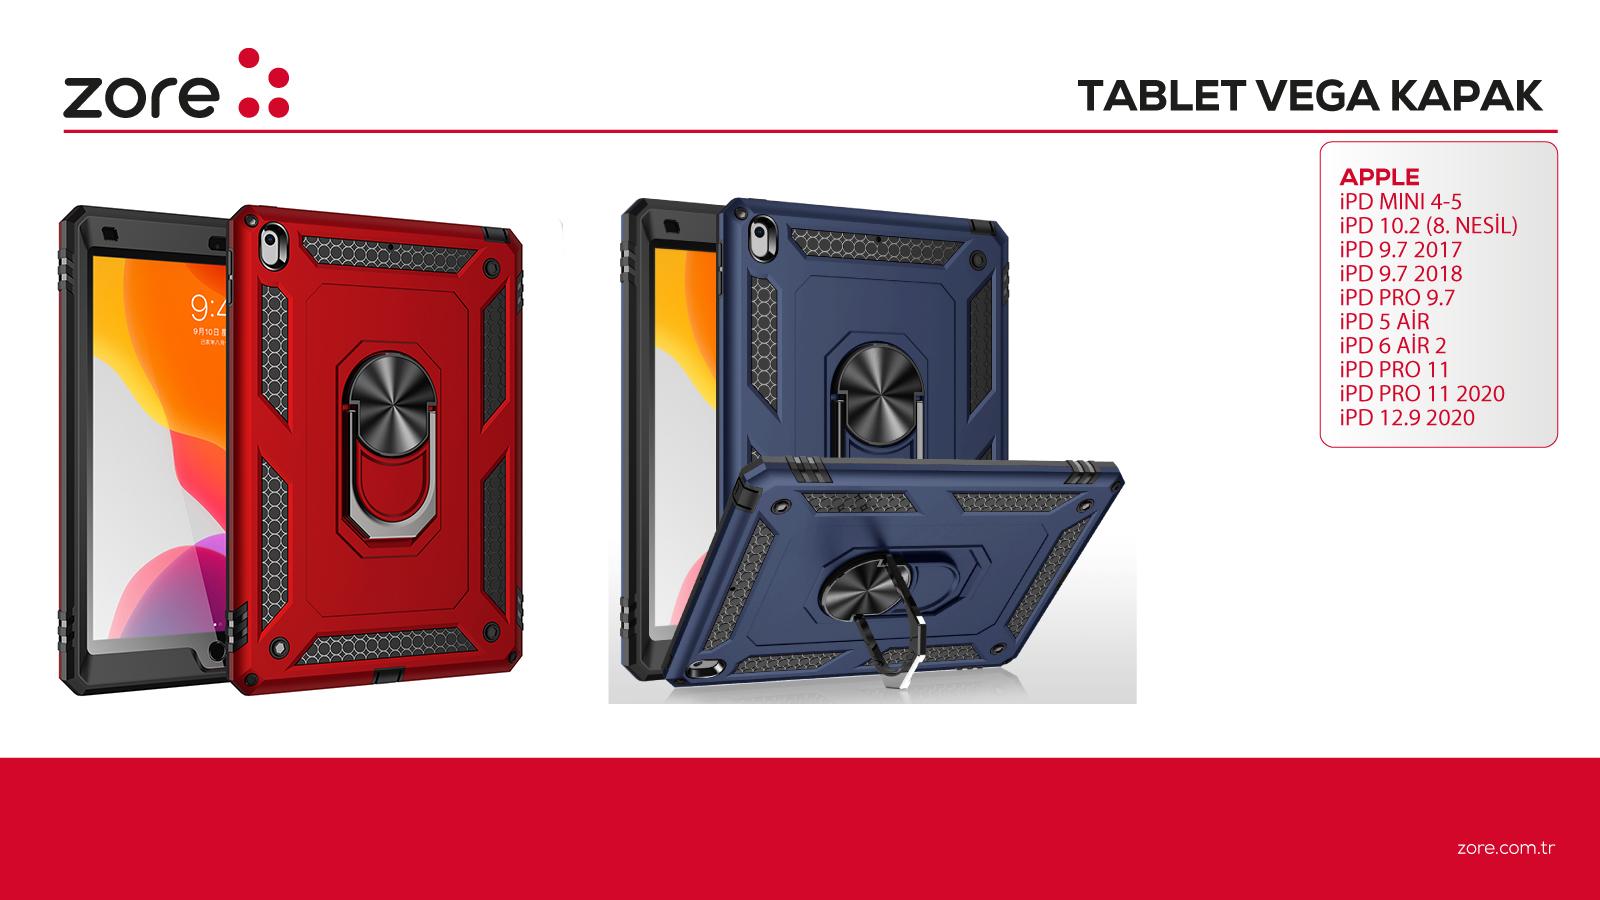 tablet vegaa kırmızı.jpg (421 KB)